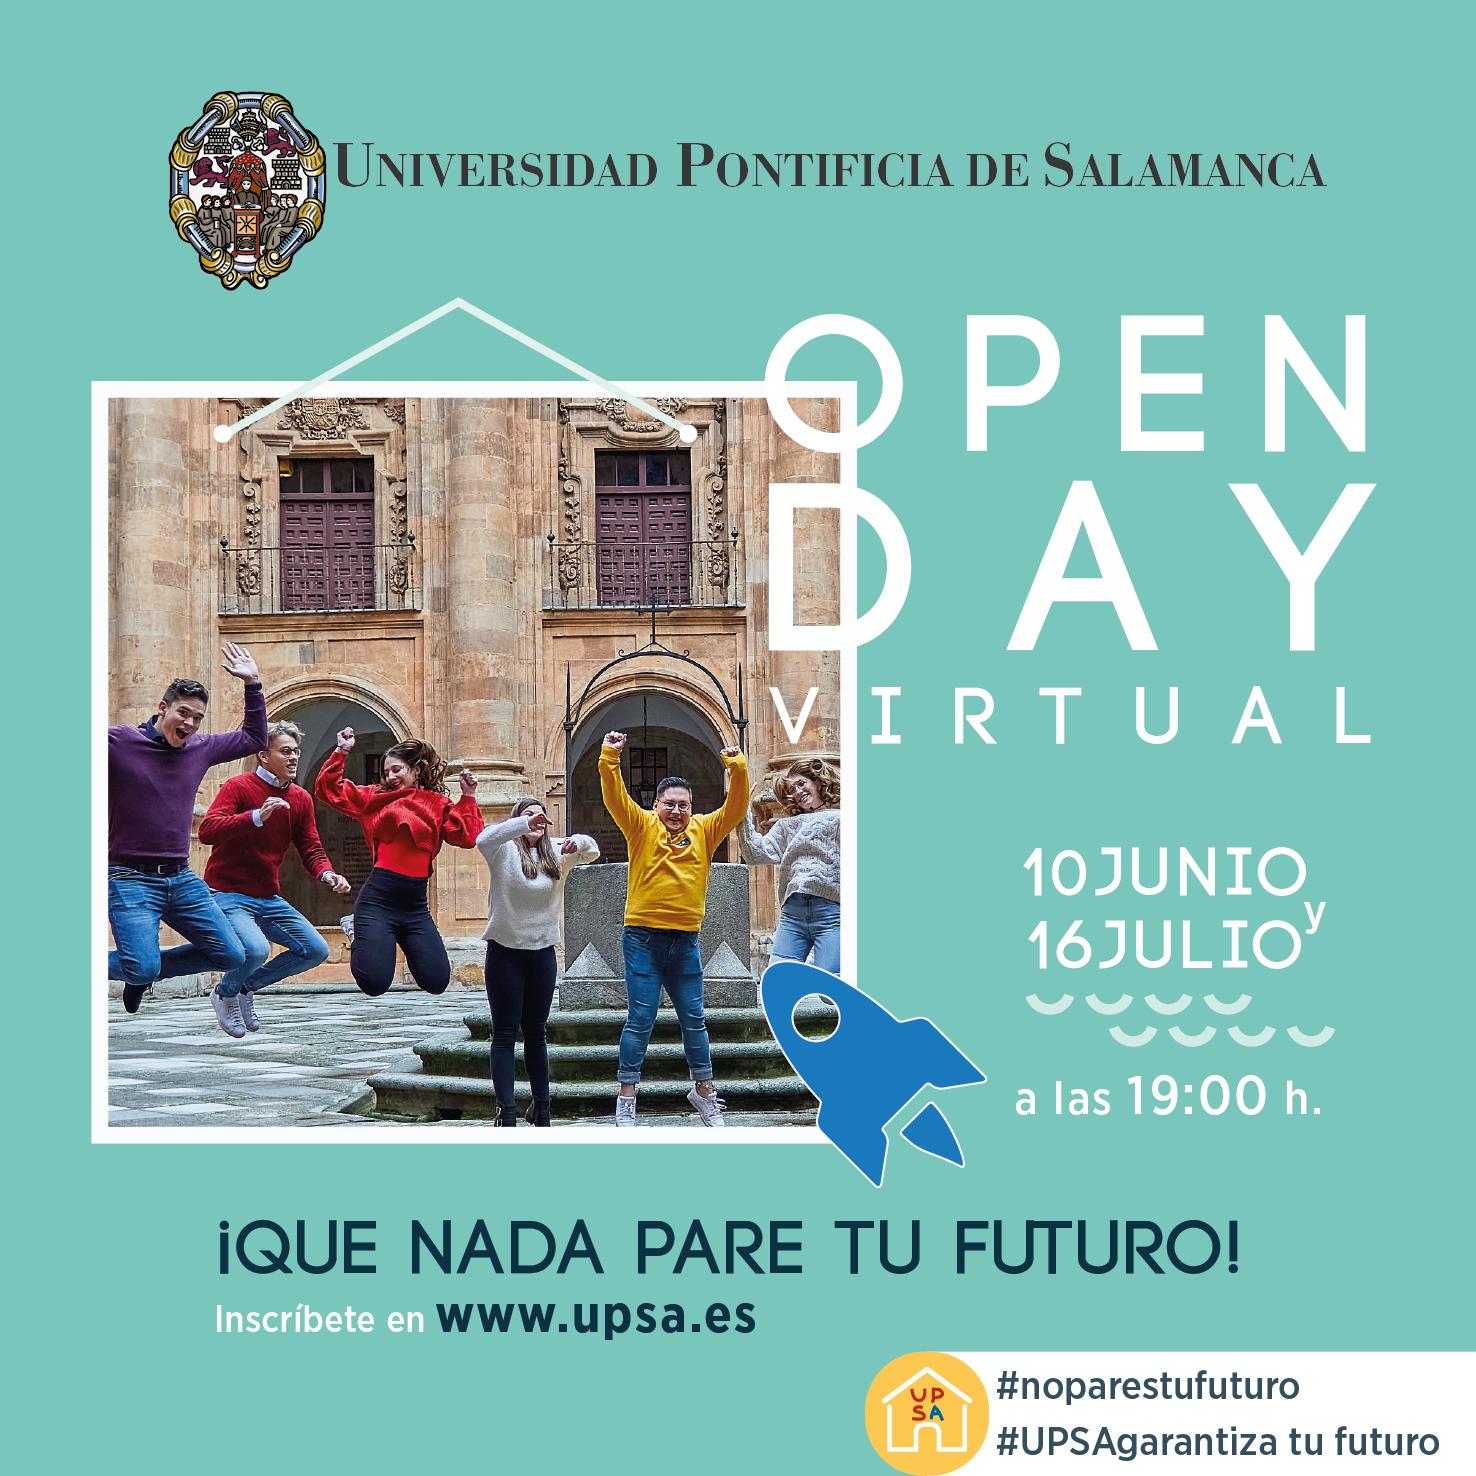 Open day virtual 10junio 16julio